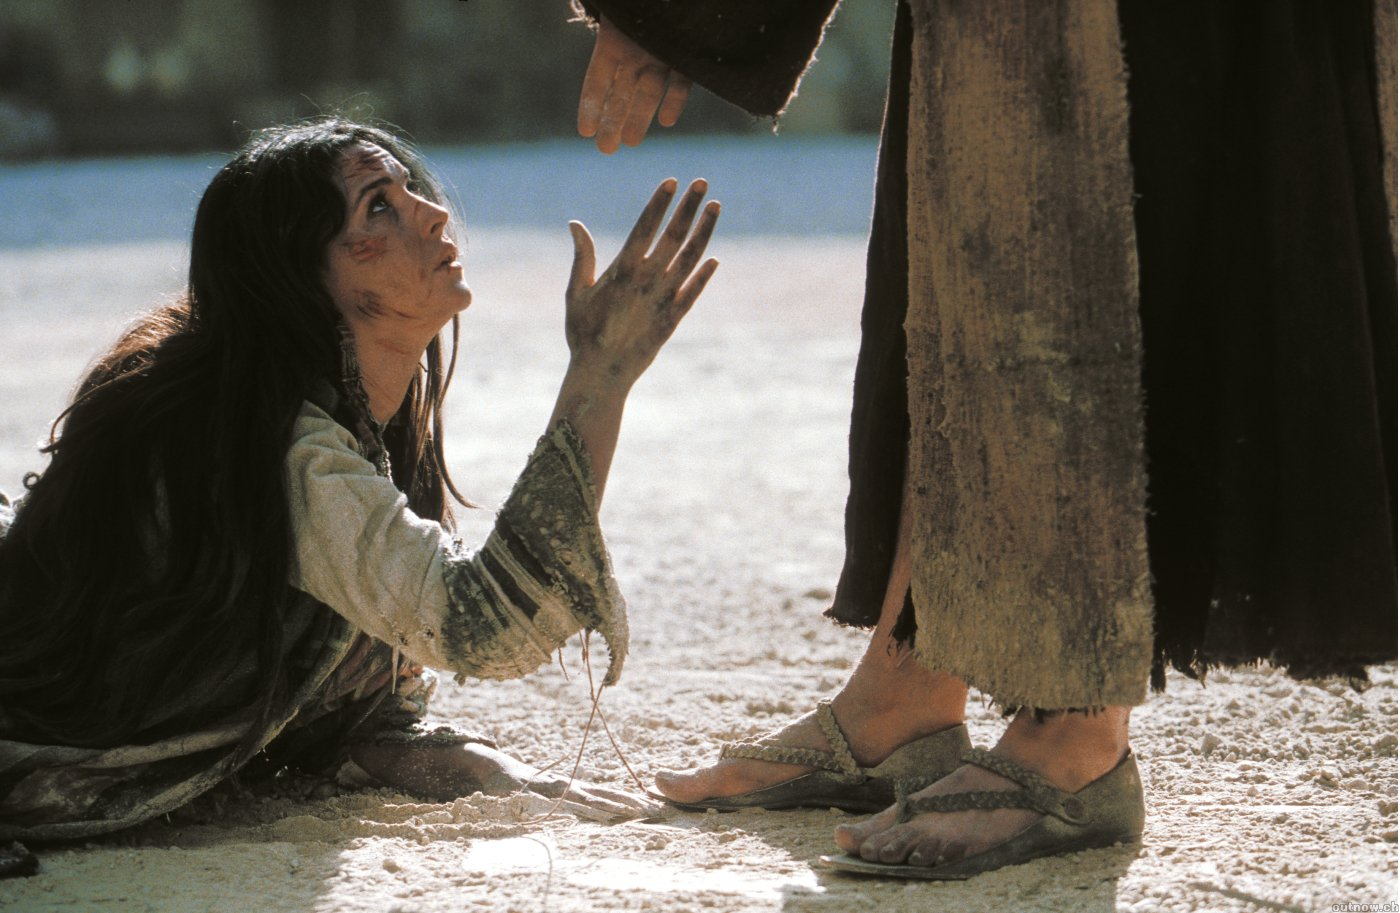 La guarigione dal peccato purificazione dell'anima